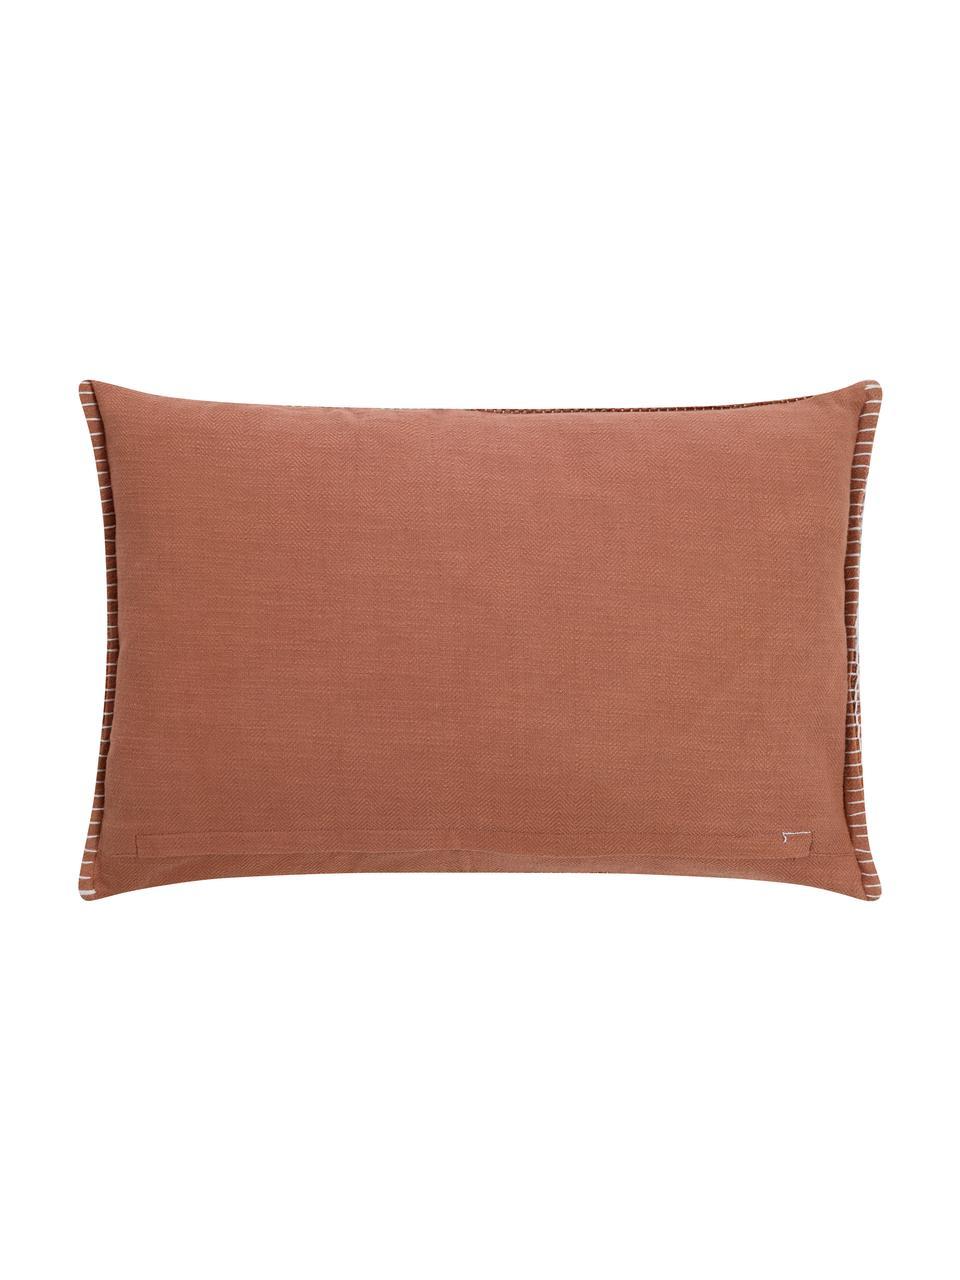 Federa arredo fantasia con superficie strutturata Nouria, Retro: 100% cotone, Terracotta, Larg. 40 x Lung. 60 cm